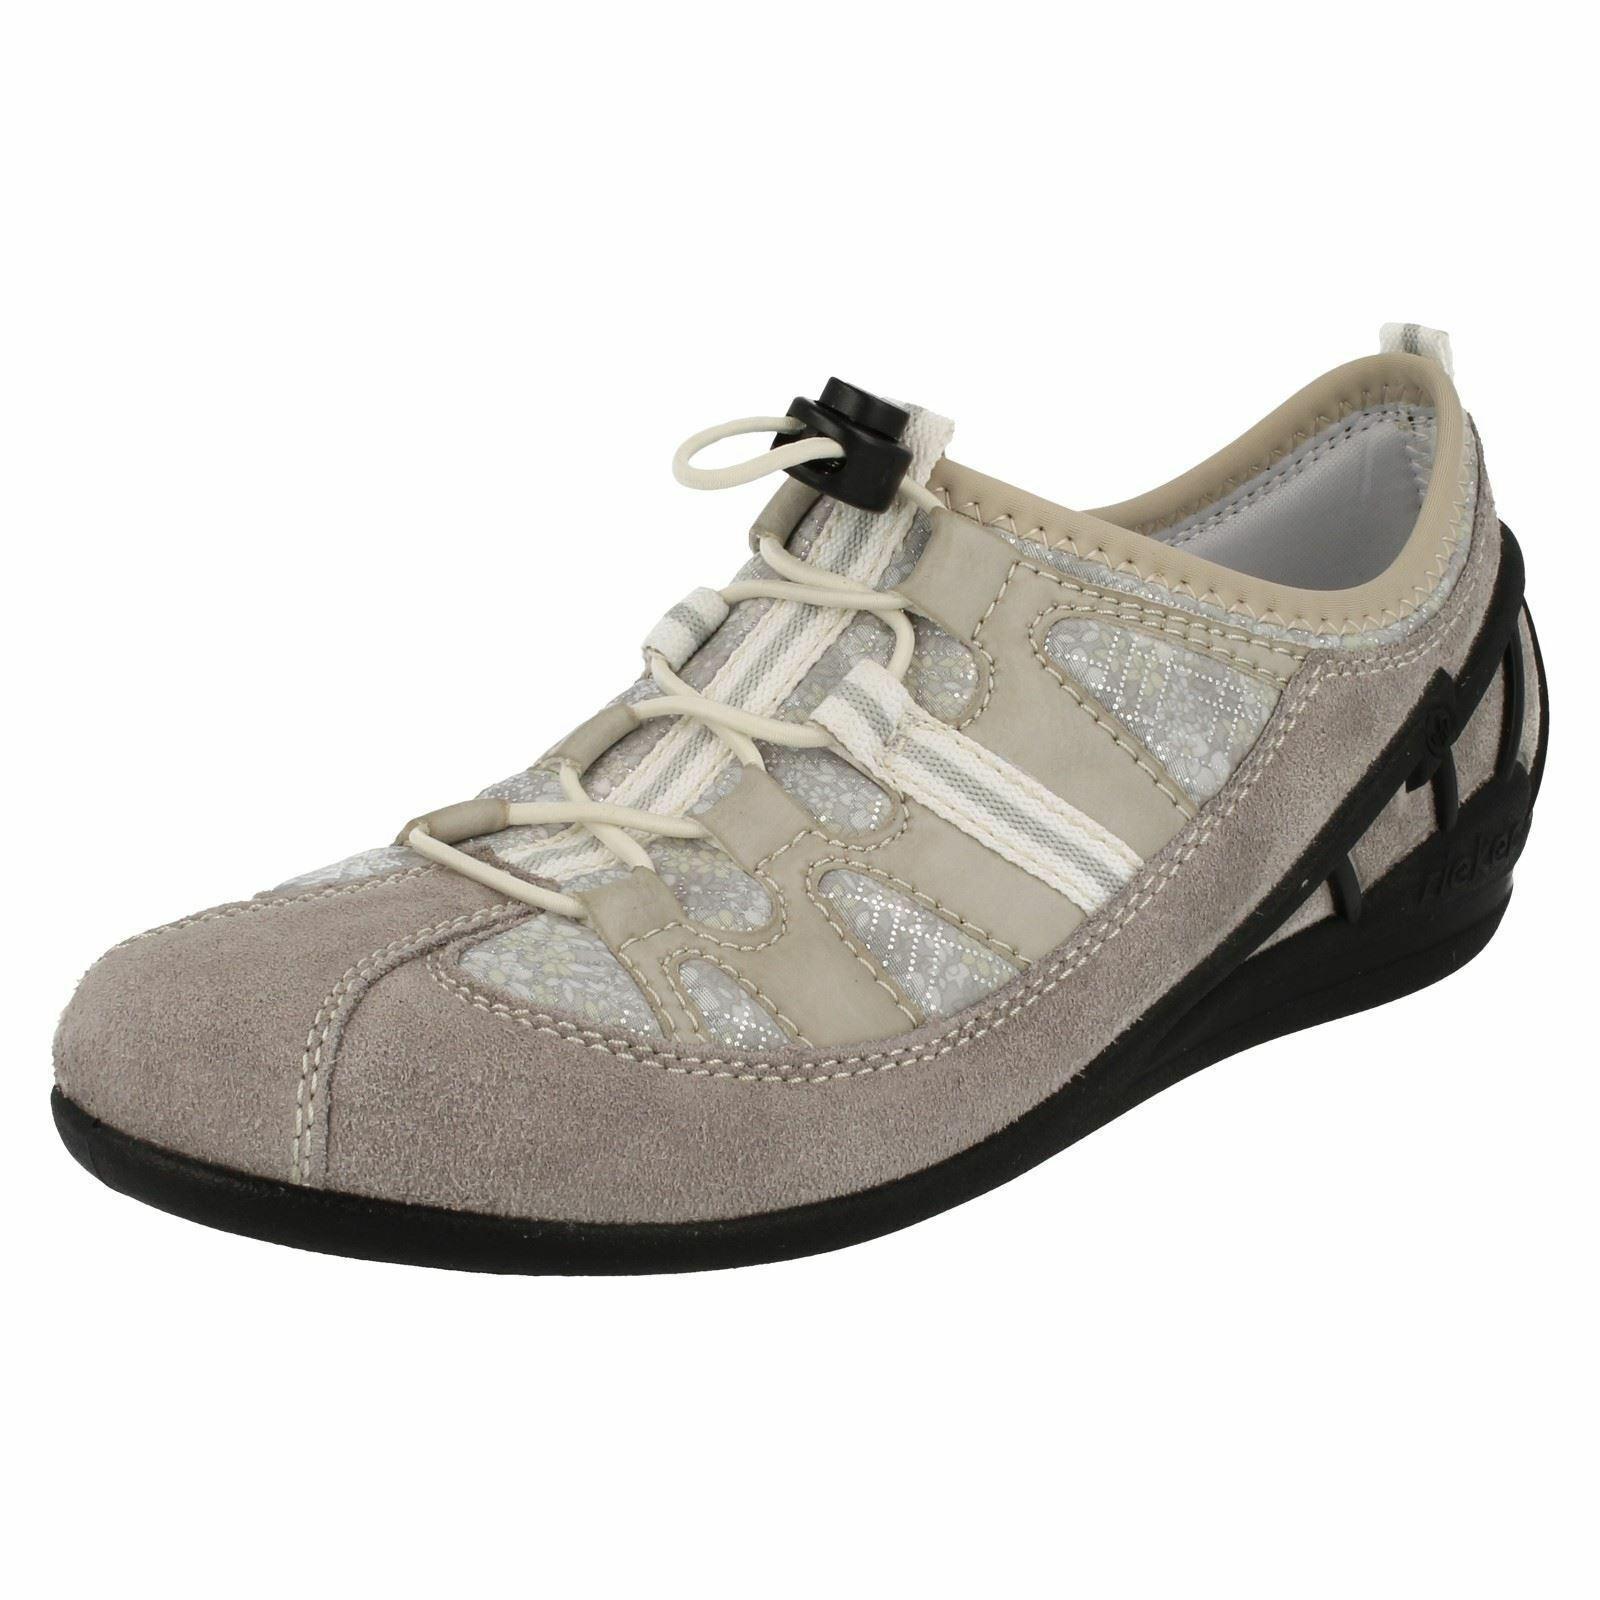 envío rápido en todo el mundo Damas Rieker 59570 gris Cordones Tacón Bajo plantilla extraíble Deportes Deportes Deportes Zapatillas Zapatos  Hay más marcas de productos de alta calidad.